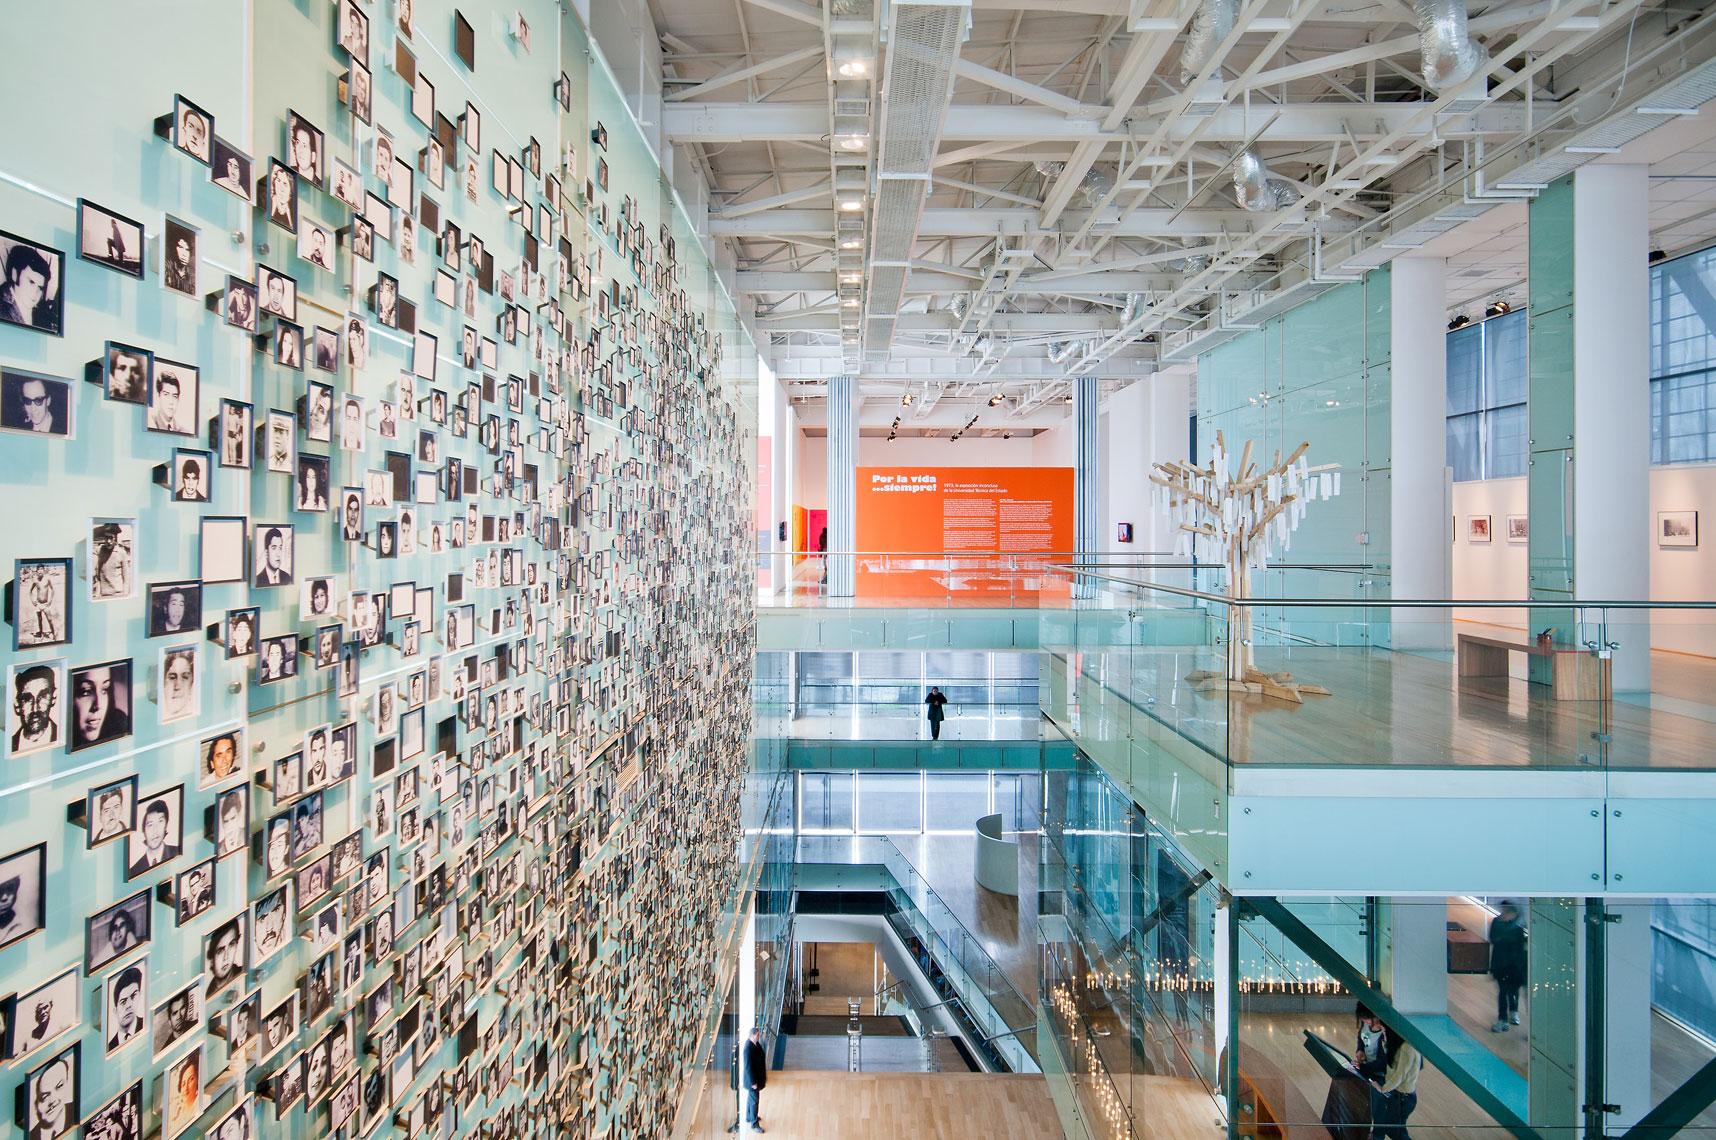 Museo-de-la-Memoria---Victor-Perez-Architecture-Photographer-08.jpg